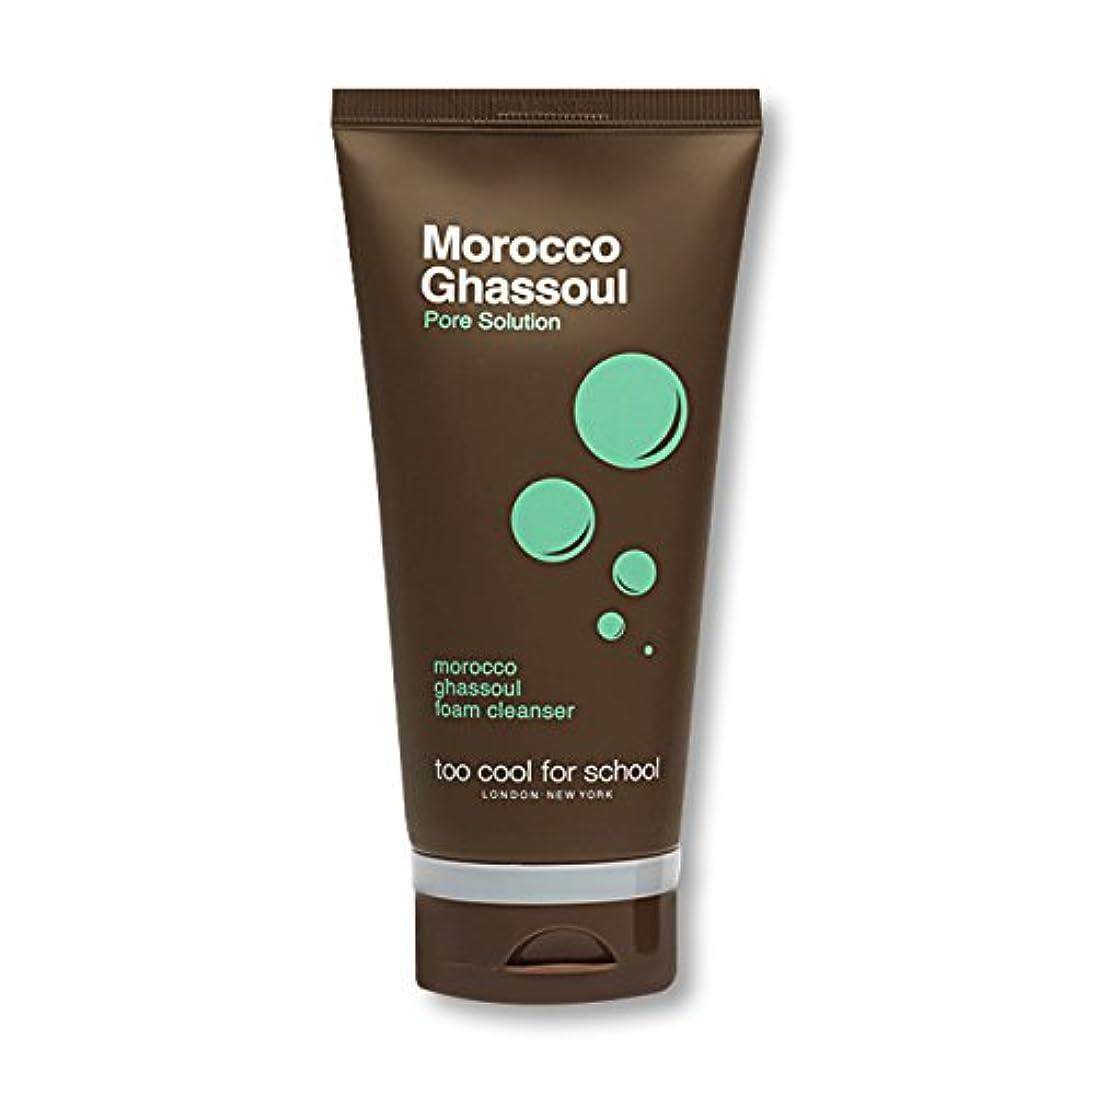 キャンプ血まみれ肥料too cool for school(トゥークールフォースクール)モロッコ ガスール フォーム クレンザー(MOROCCO GHASSOUL FOAM CLEANSER)150g